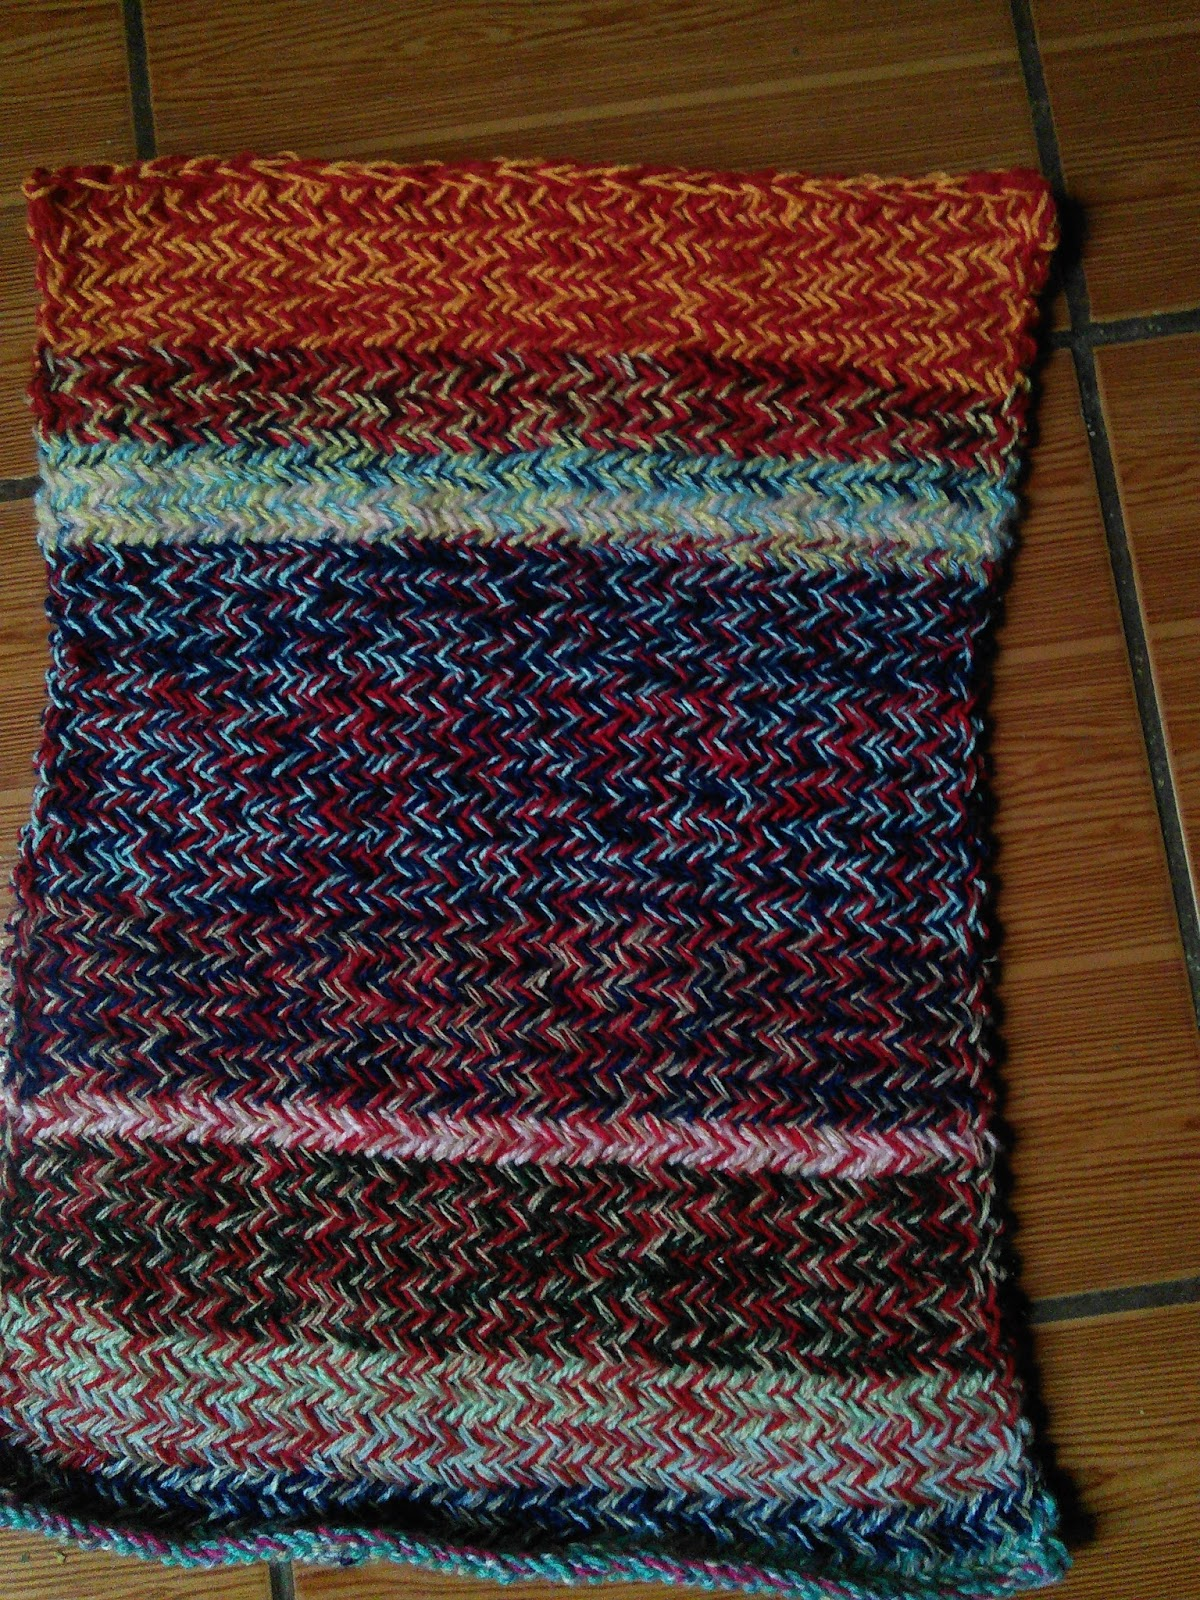 Tejidos de la familia artesan as macrame crochet y for Tejidos de alfombras